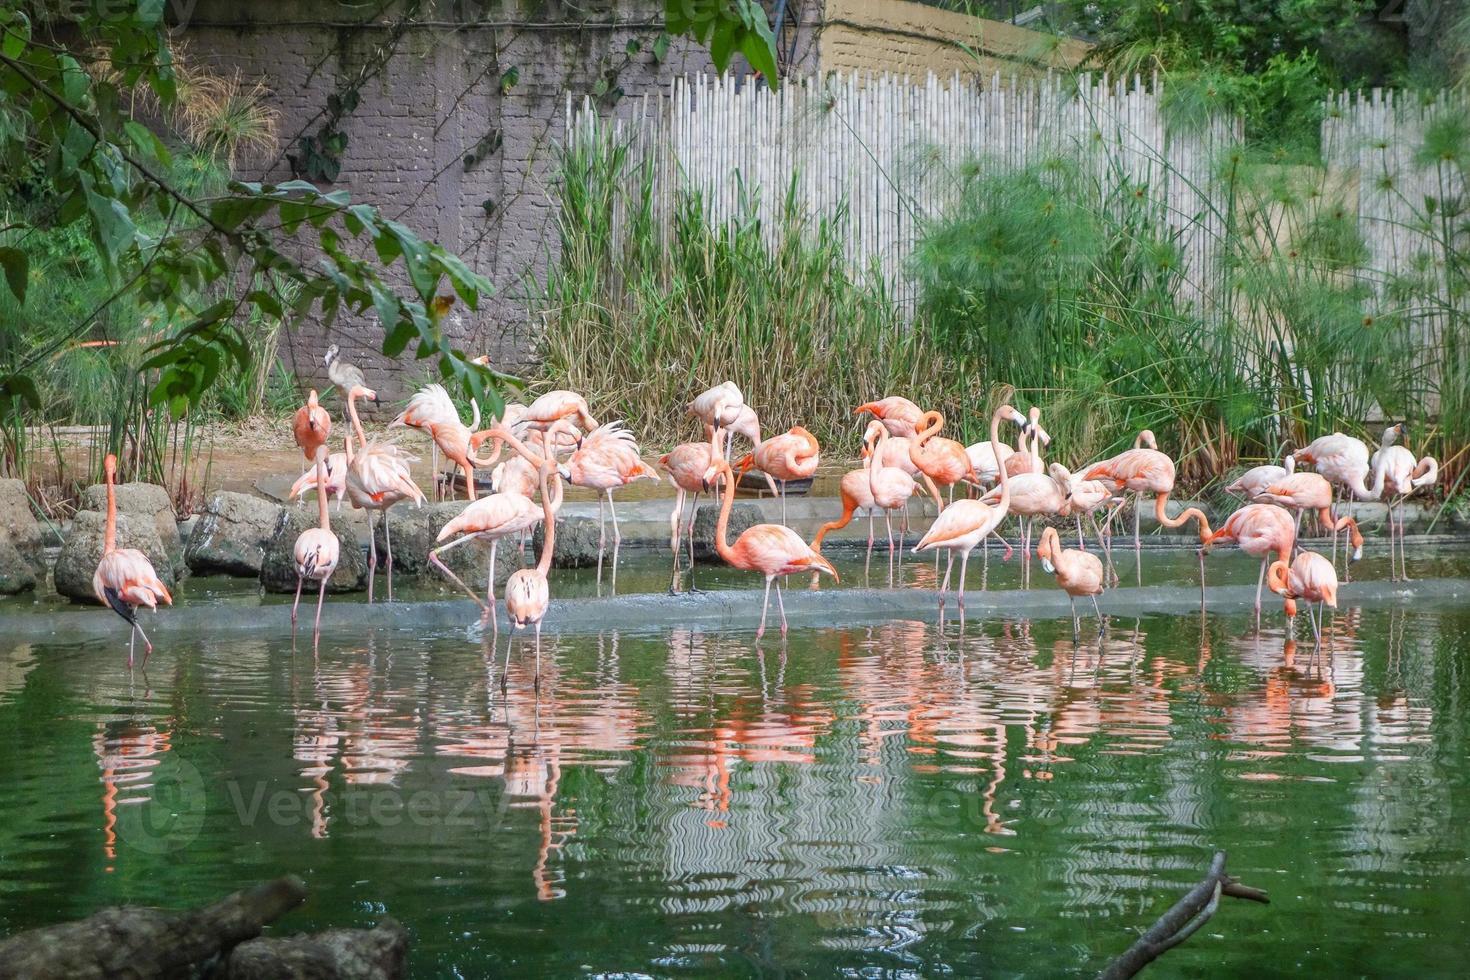 Flamingovögel in einem Teich foto